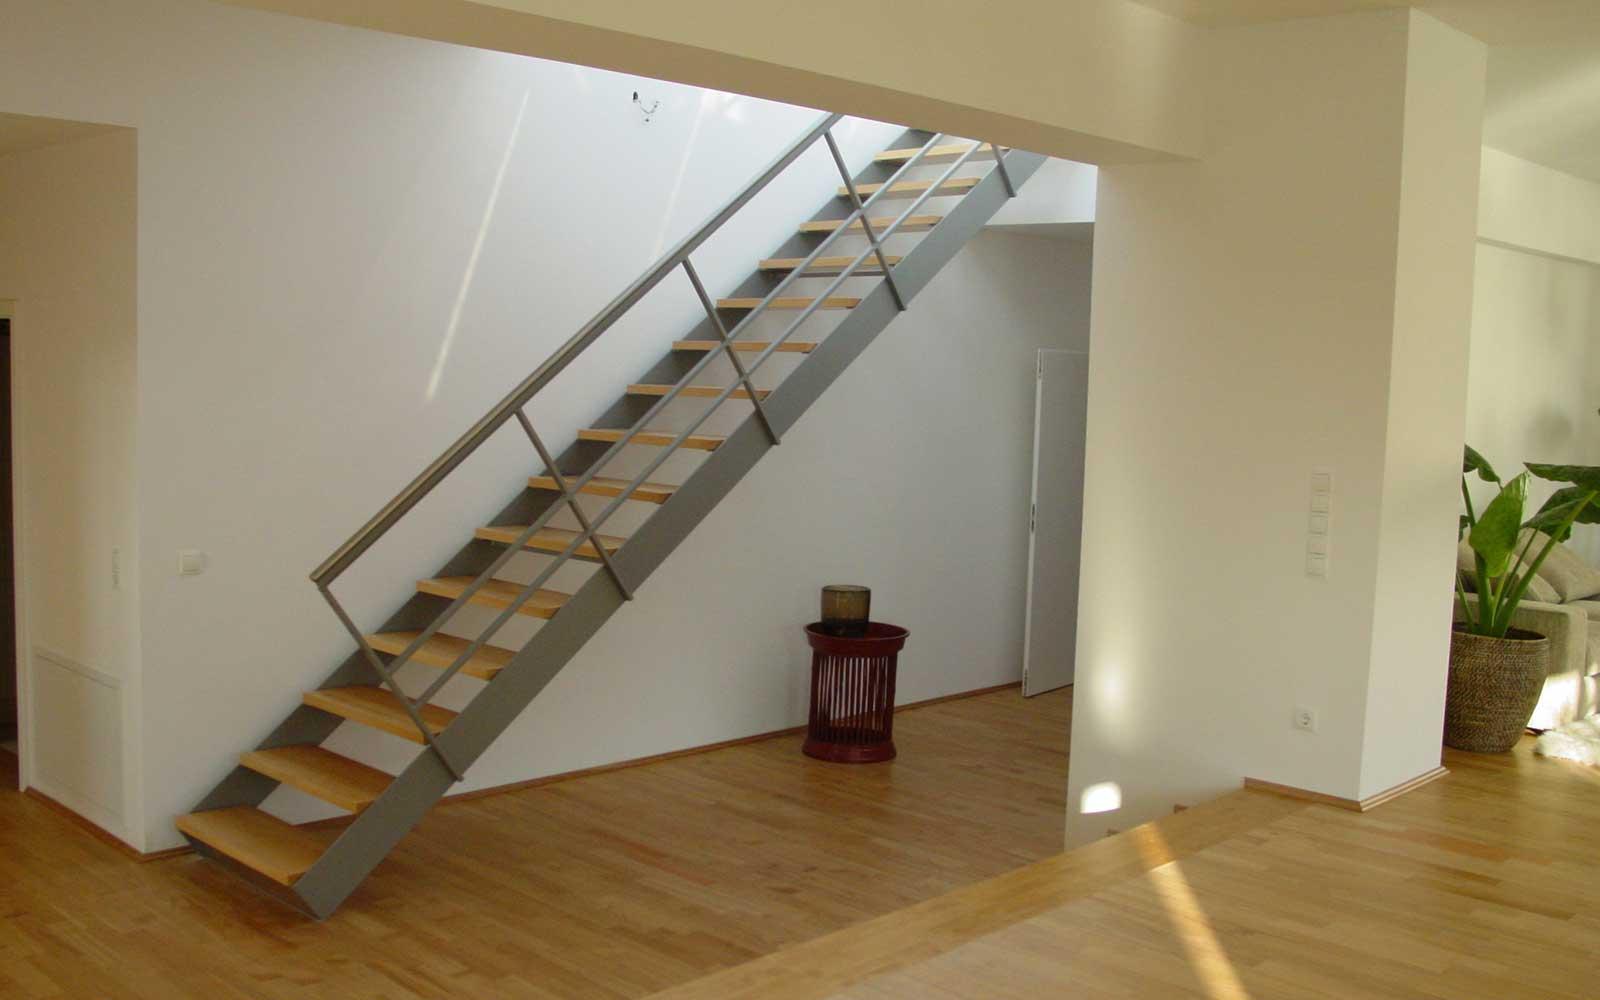 Eigentumswohnungen am Neckar, Kochhan und Weckbach, Architekturbüro Heidelberg